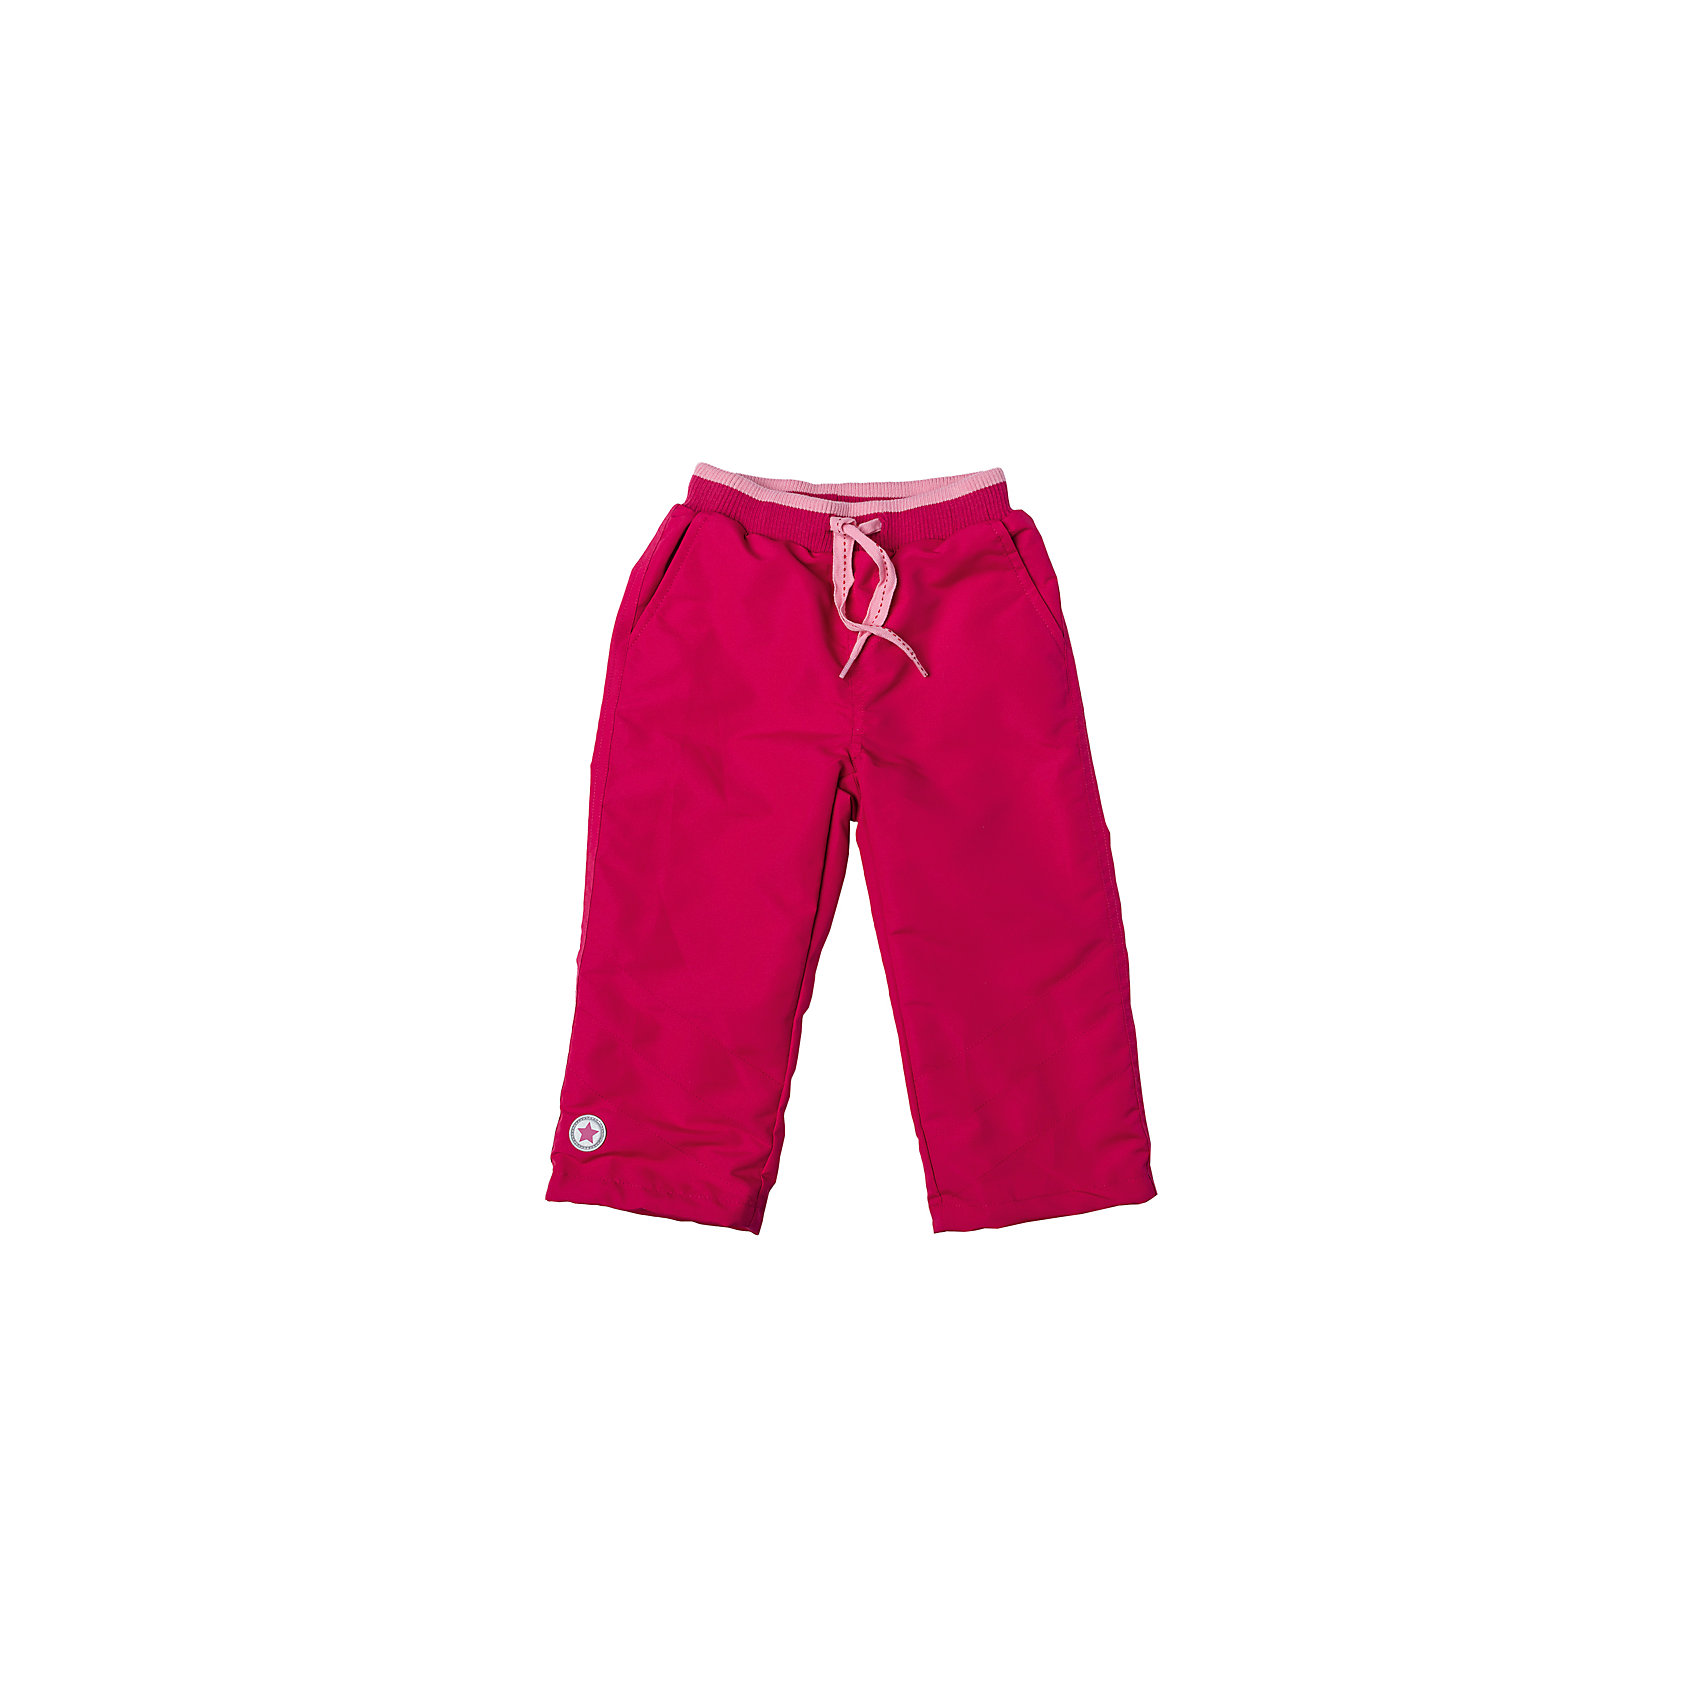 Брюки для девочки PlayTodayБрюки<br>Брюки для девочки PlayToday<br>Утепленные брюки из водооталкивающей ткани прекрасно подойдут для прогулок в любую погоду. Подкладка из мягкого хлопка, не вызывает раздражений. Брюки на широкой резинке, которая не сдавливает живот ребенка. Дополнительно снабжены регулируемым шнуром - кулиской на поясе.Преимущества: Водоотталкивающая тканьПодкладка из хлопкаБрюки на резинке. На поясе регулируемый шнур - кулиска.<br>Состав:<br>Верх: 100% полиэстер, подкладка: 80% хлопок, 20% полиэстер<br><br>Ширина мм: 215<br>Глубина мм: 88<br>Высота мм: 191<br>Вес г: 336<br>Цвет: разноцветный<br>Возраст от месяцев: 18<br>Возраст до месяцев: 24<br>Пол: Женский<br>Возраст: Детский<br>Размер: 92,74,80,86<br>SKU: 5408228